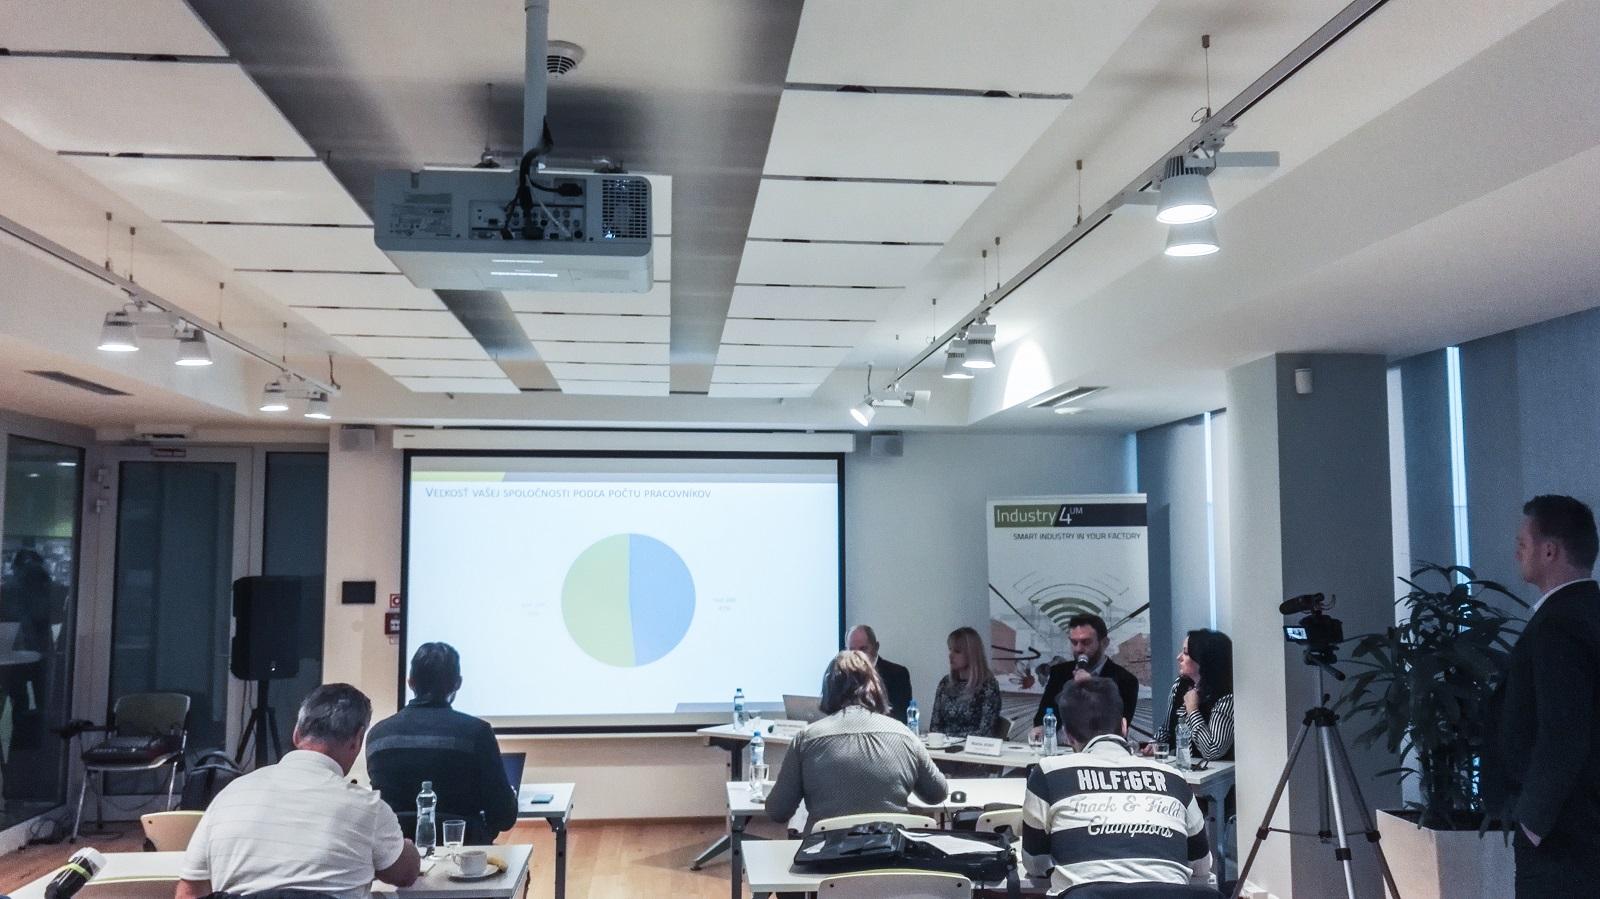 Prieskum Industry4UM: Pozitívne trendy v transformácii priemyslu je potrebné zakcelerovať. Podporia ich aj opatrenia akčného plánu